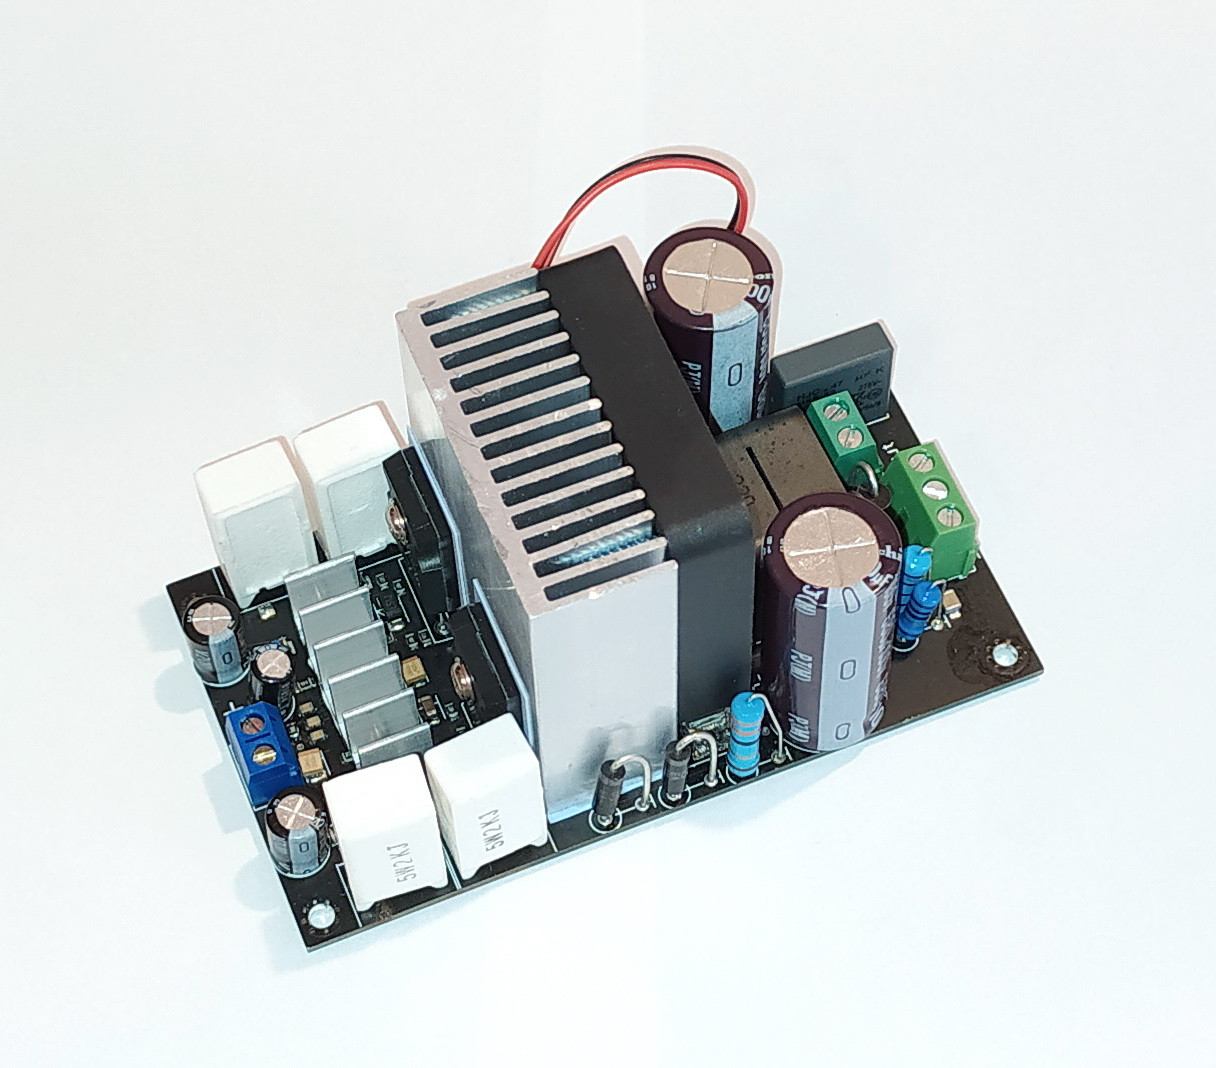 Підсилювач звуку 1000 Вт 1 кВт IRS2092S + RIFP4227*2 /1653